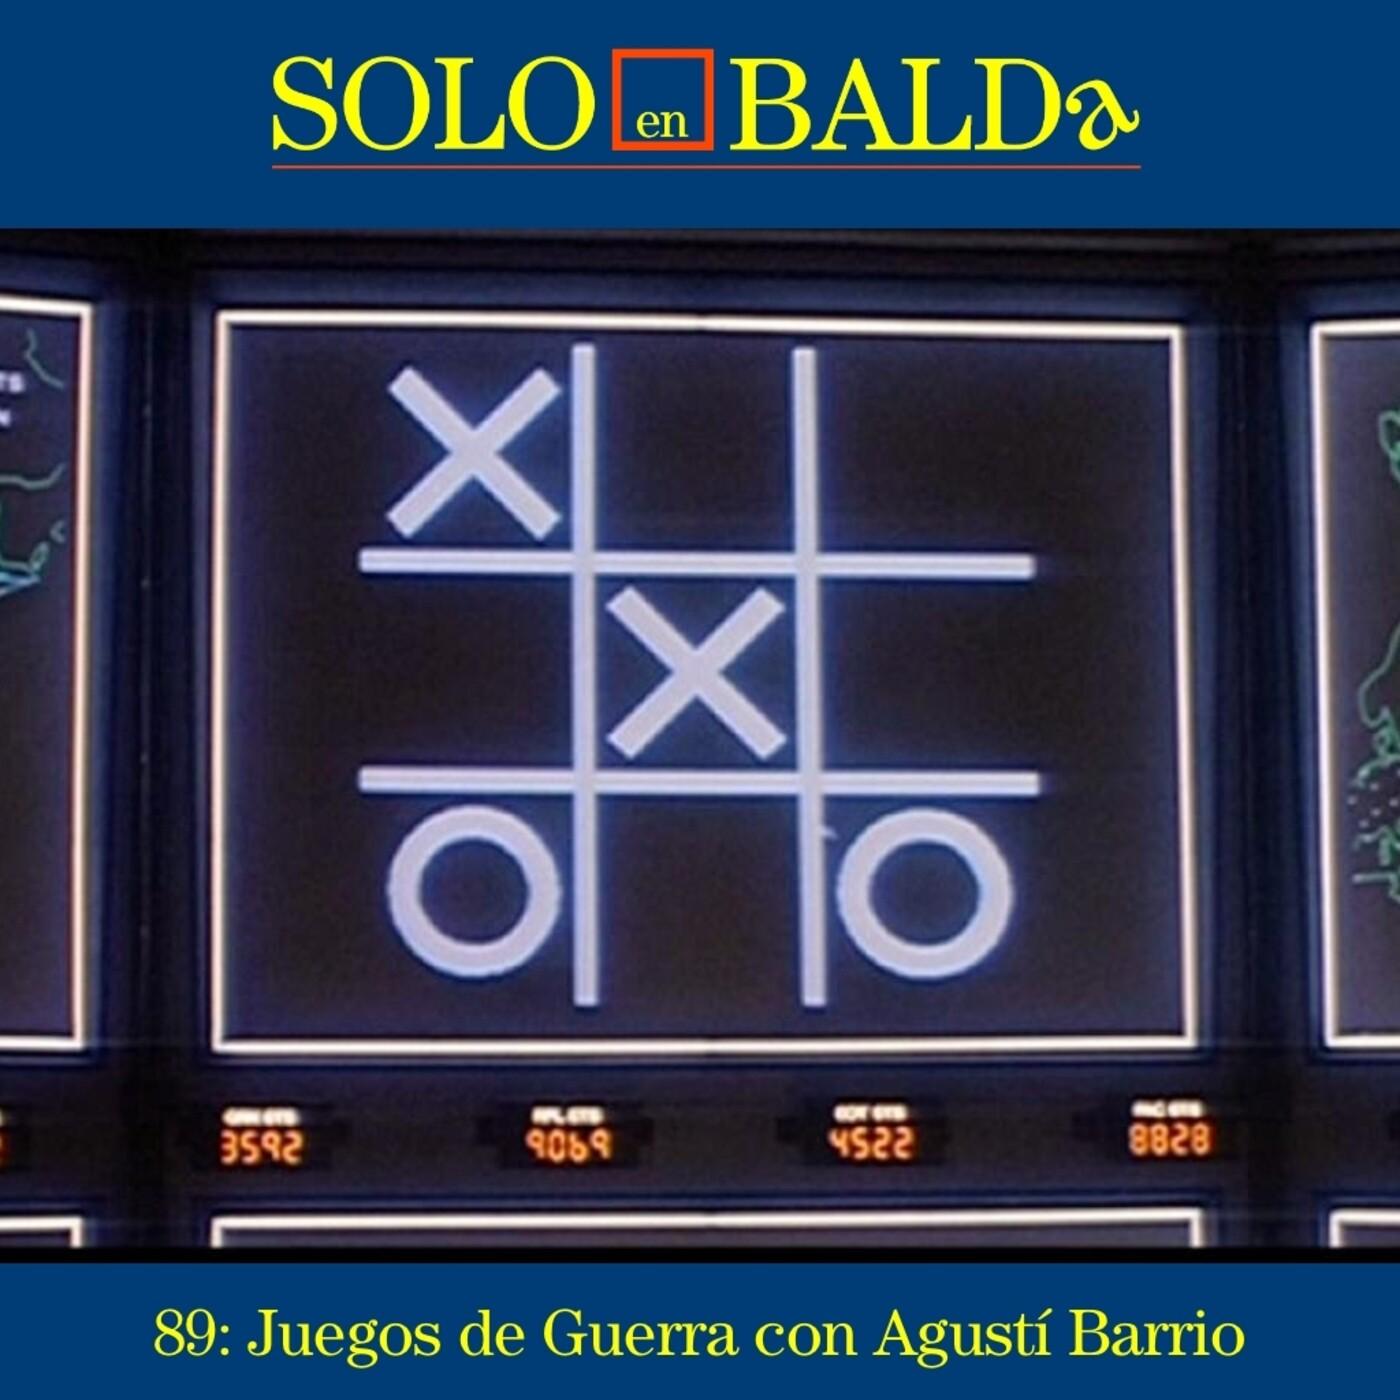 89: Juegos de Guerra con Agustí Barrio